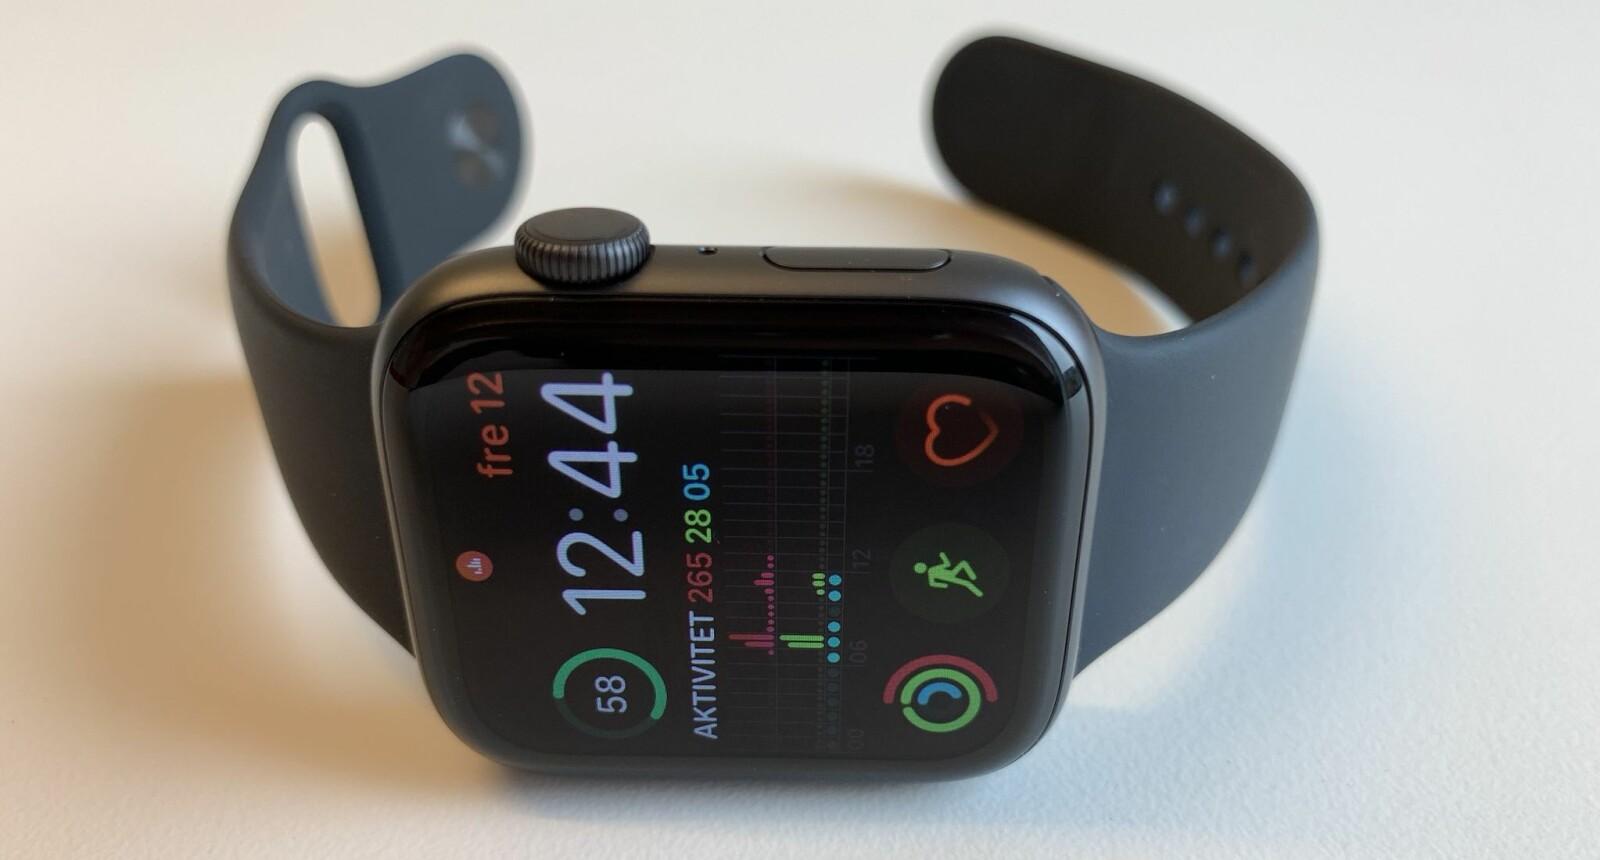 <b>NY APPLE WATCH:</b> Apple Watch Series 4 har for første gang fått en designendring. For første gang gir klokken en tilnærmet problemfri brukeropplevelse også.